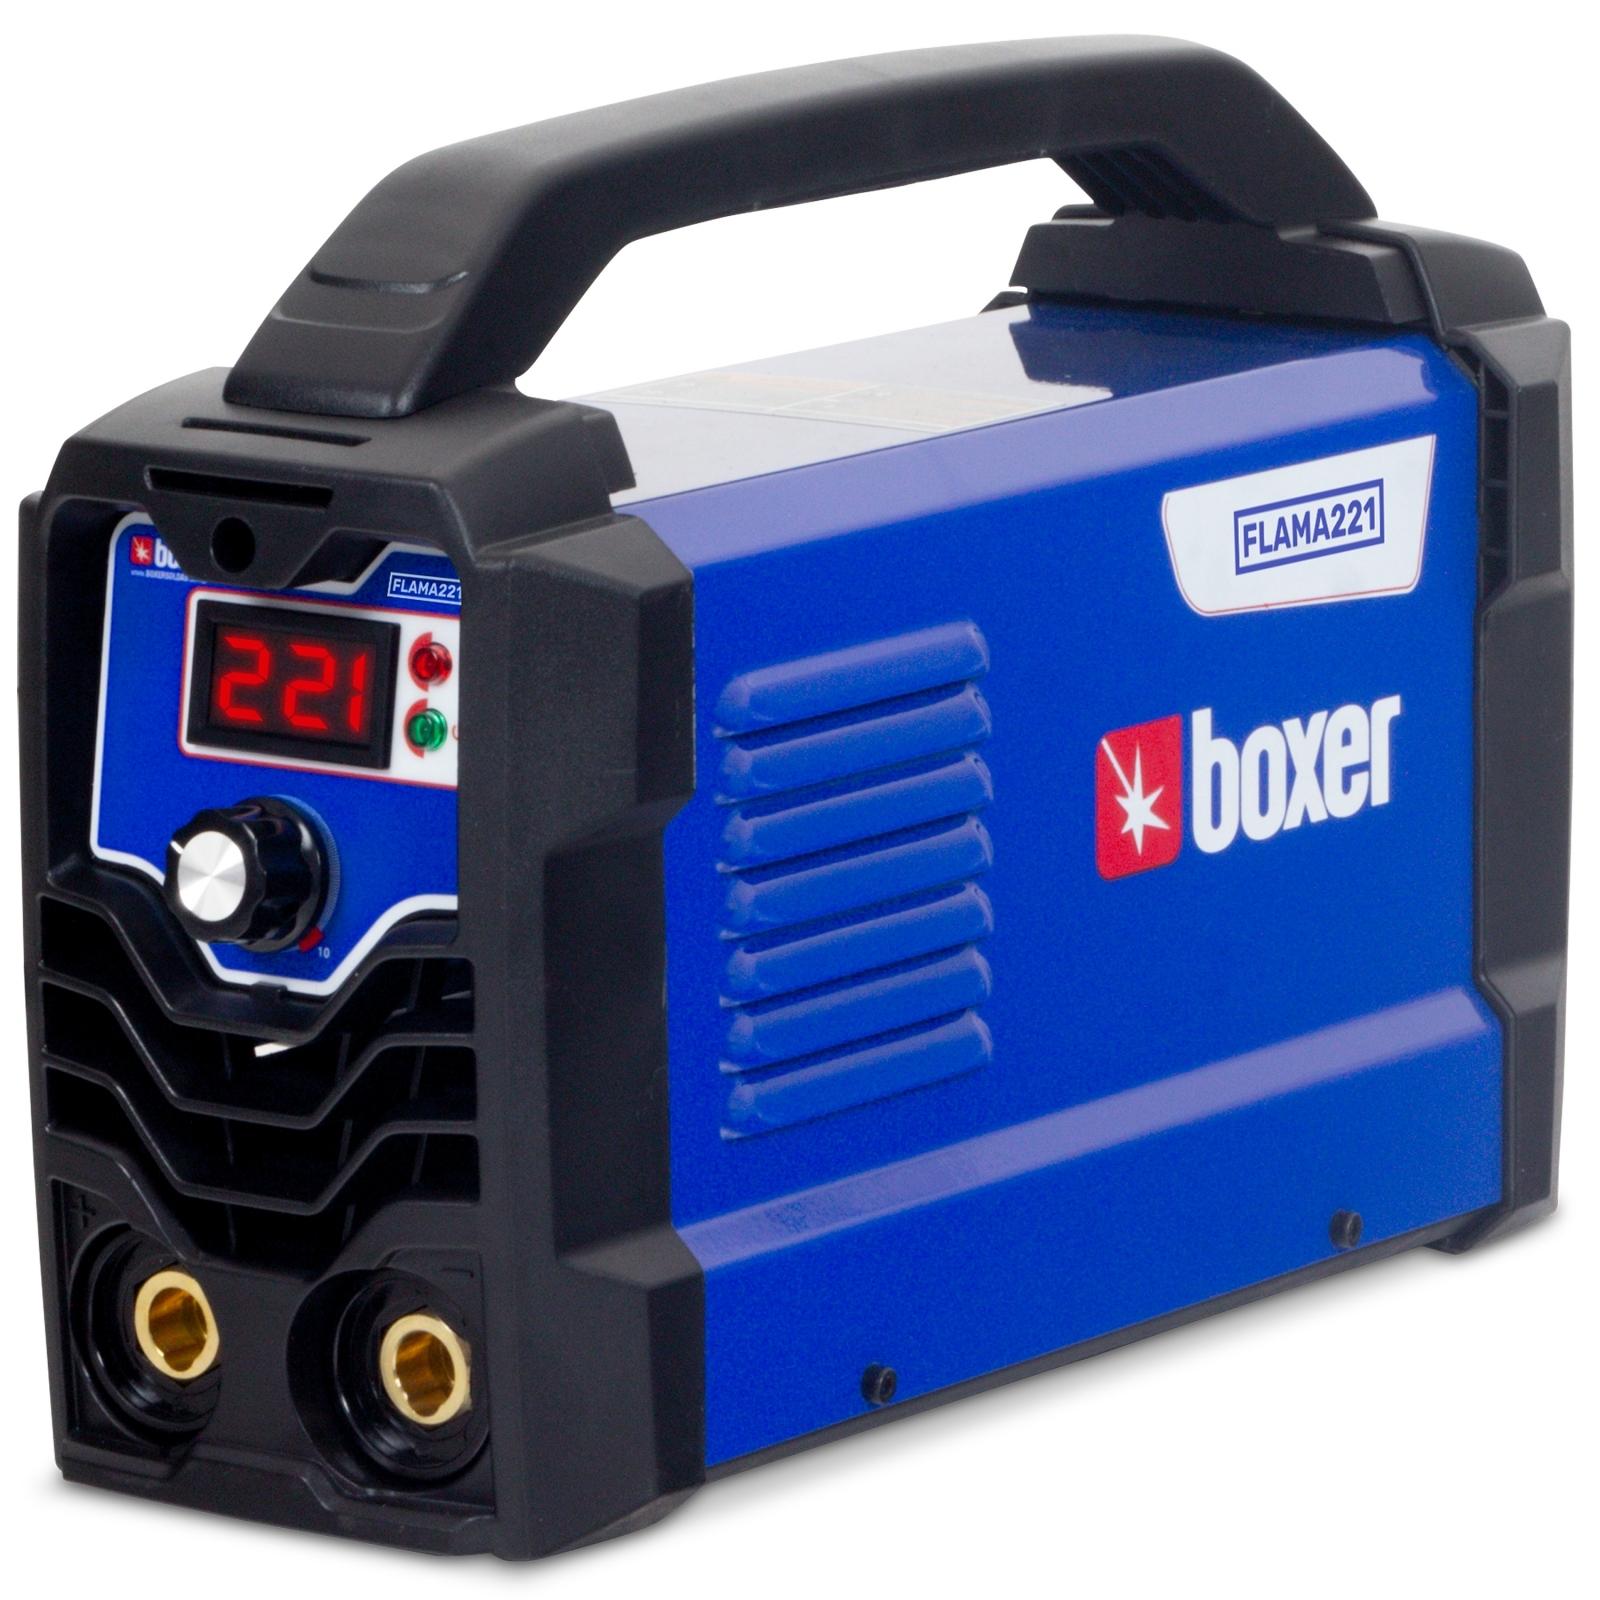 Máquina De Solda Eletrodo Boxer Flama 221- Te1 - Ferramentas MEP